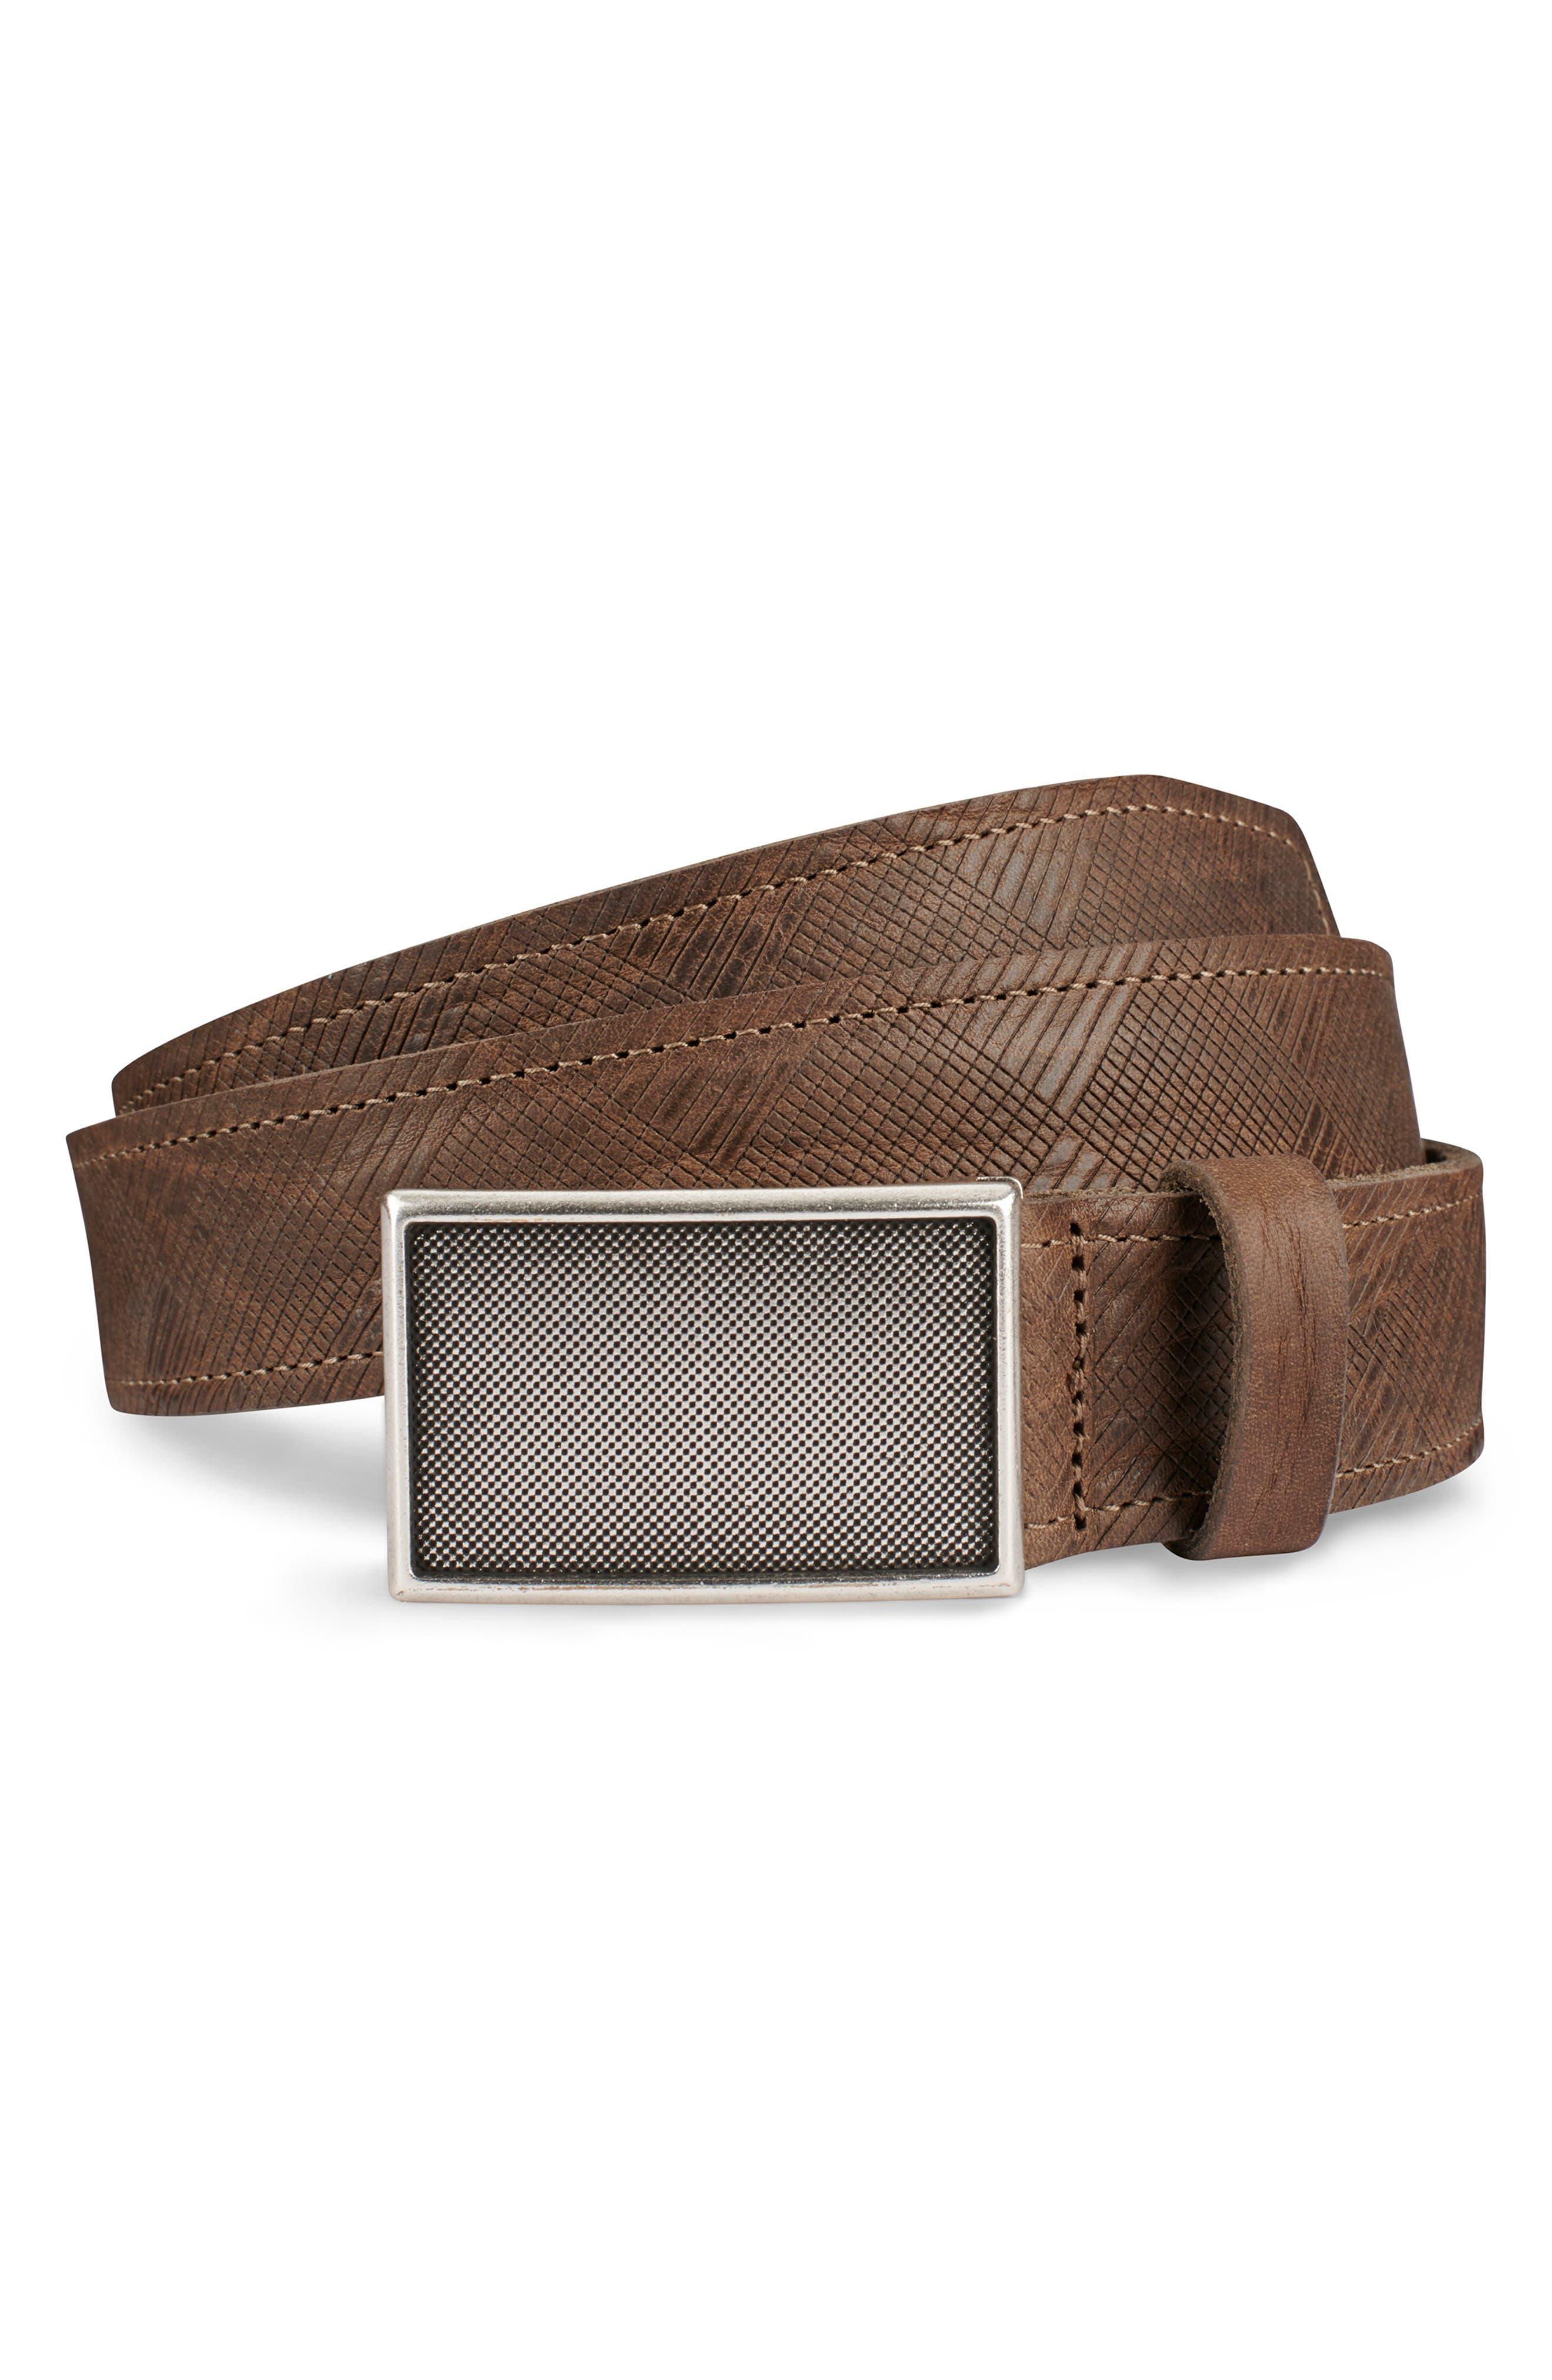 ALLEN EDMONDS, Laser Plaid Leather Belt, Main thumbnail 1, color, TAUPE